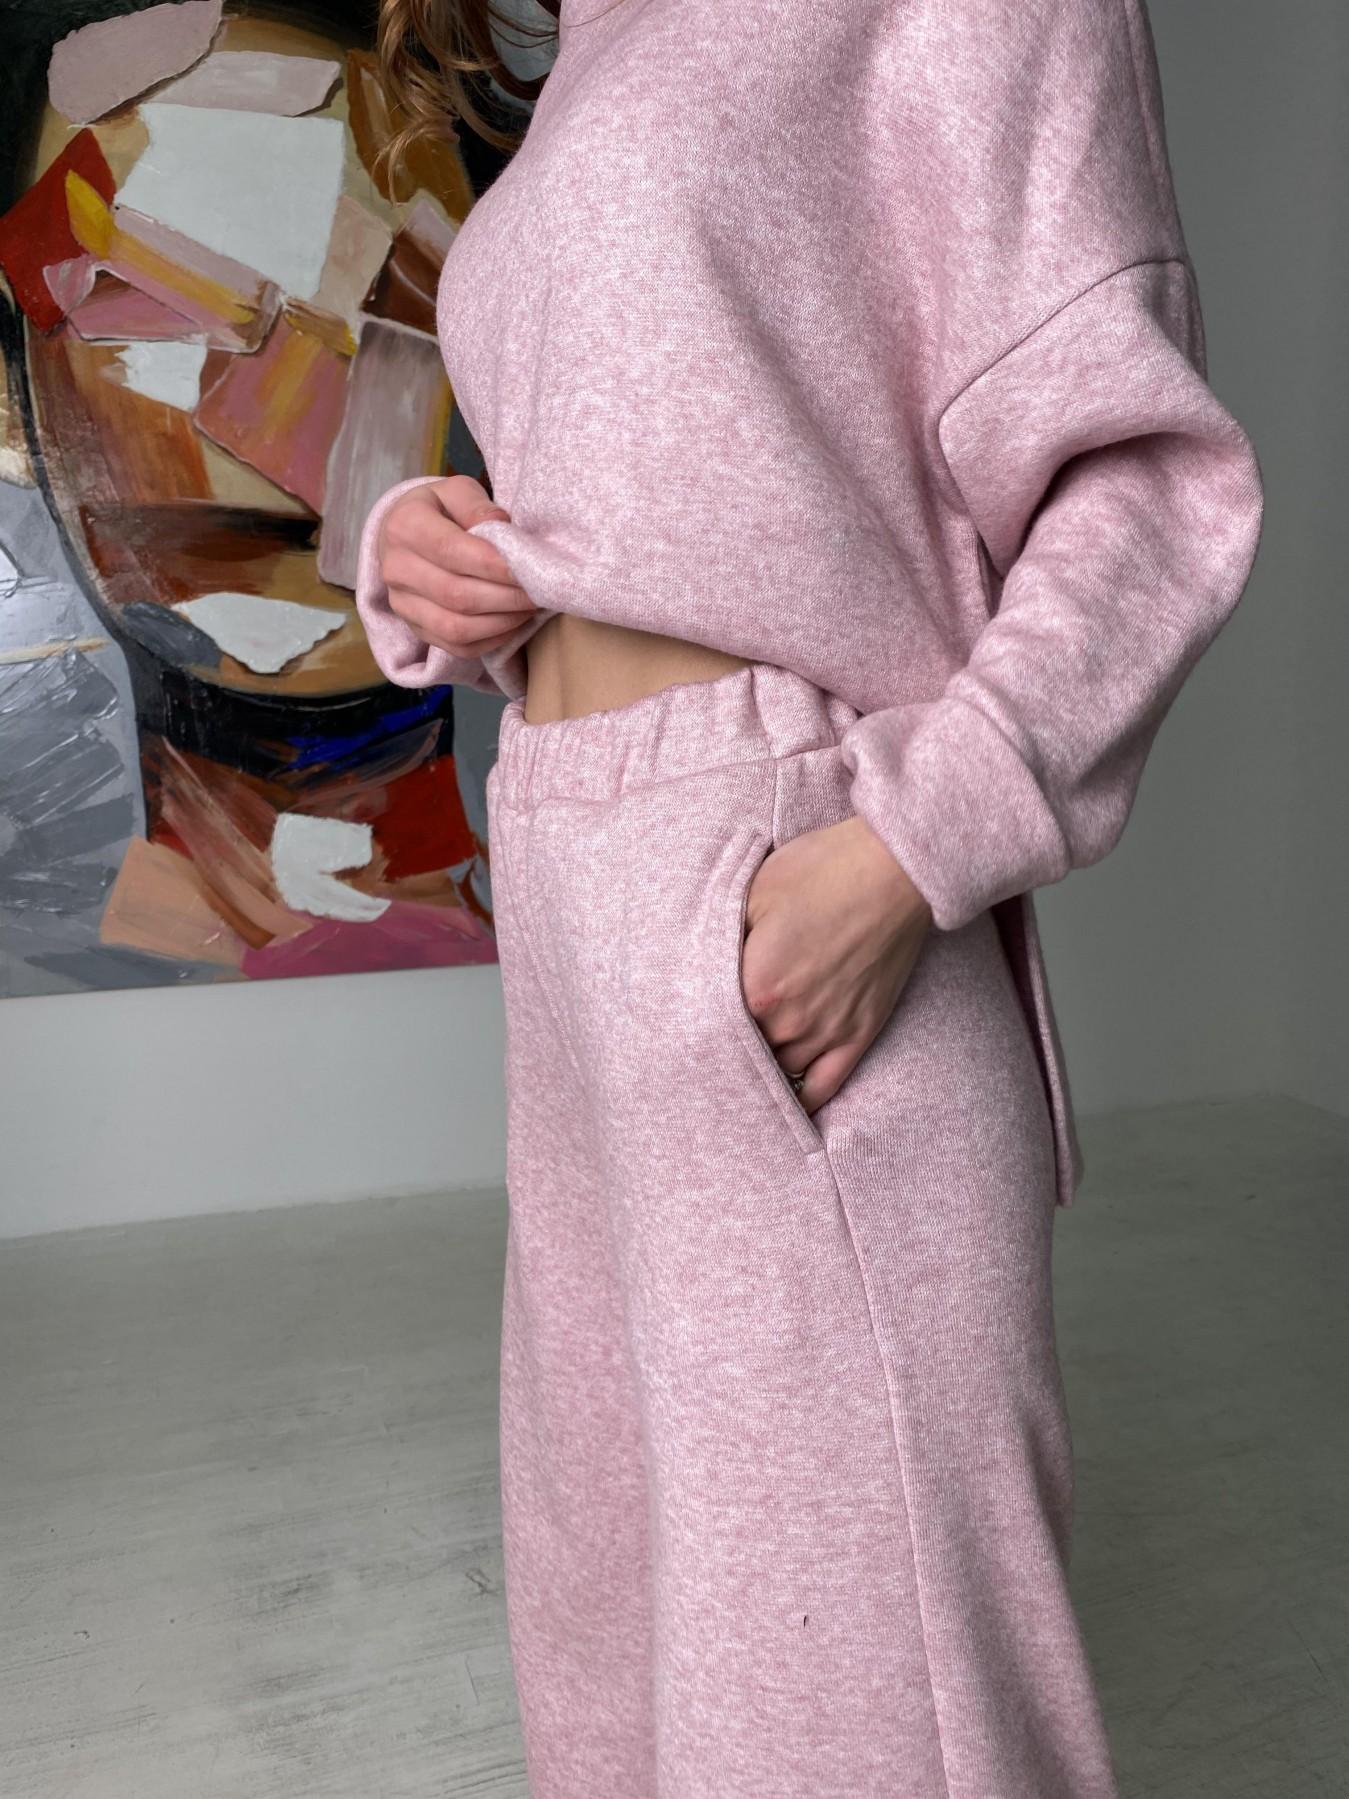 Лав Ю костюм из ангоры 10531 АРТ. 46872 Цвет: Розовый 2 меланж - фото 3, интернет магазин tm-modus.ru